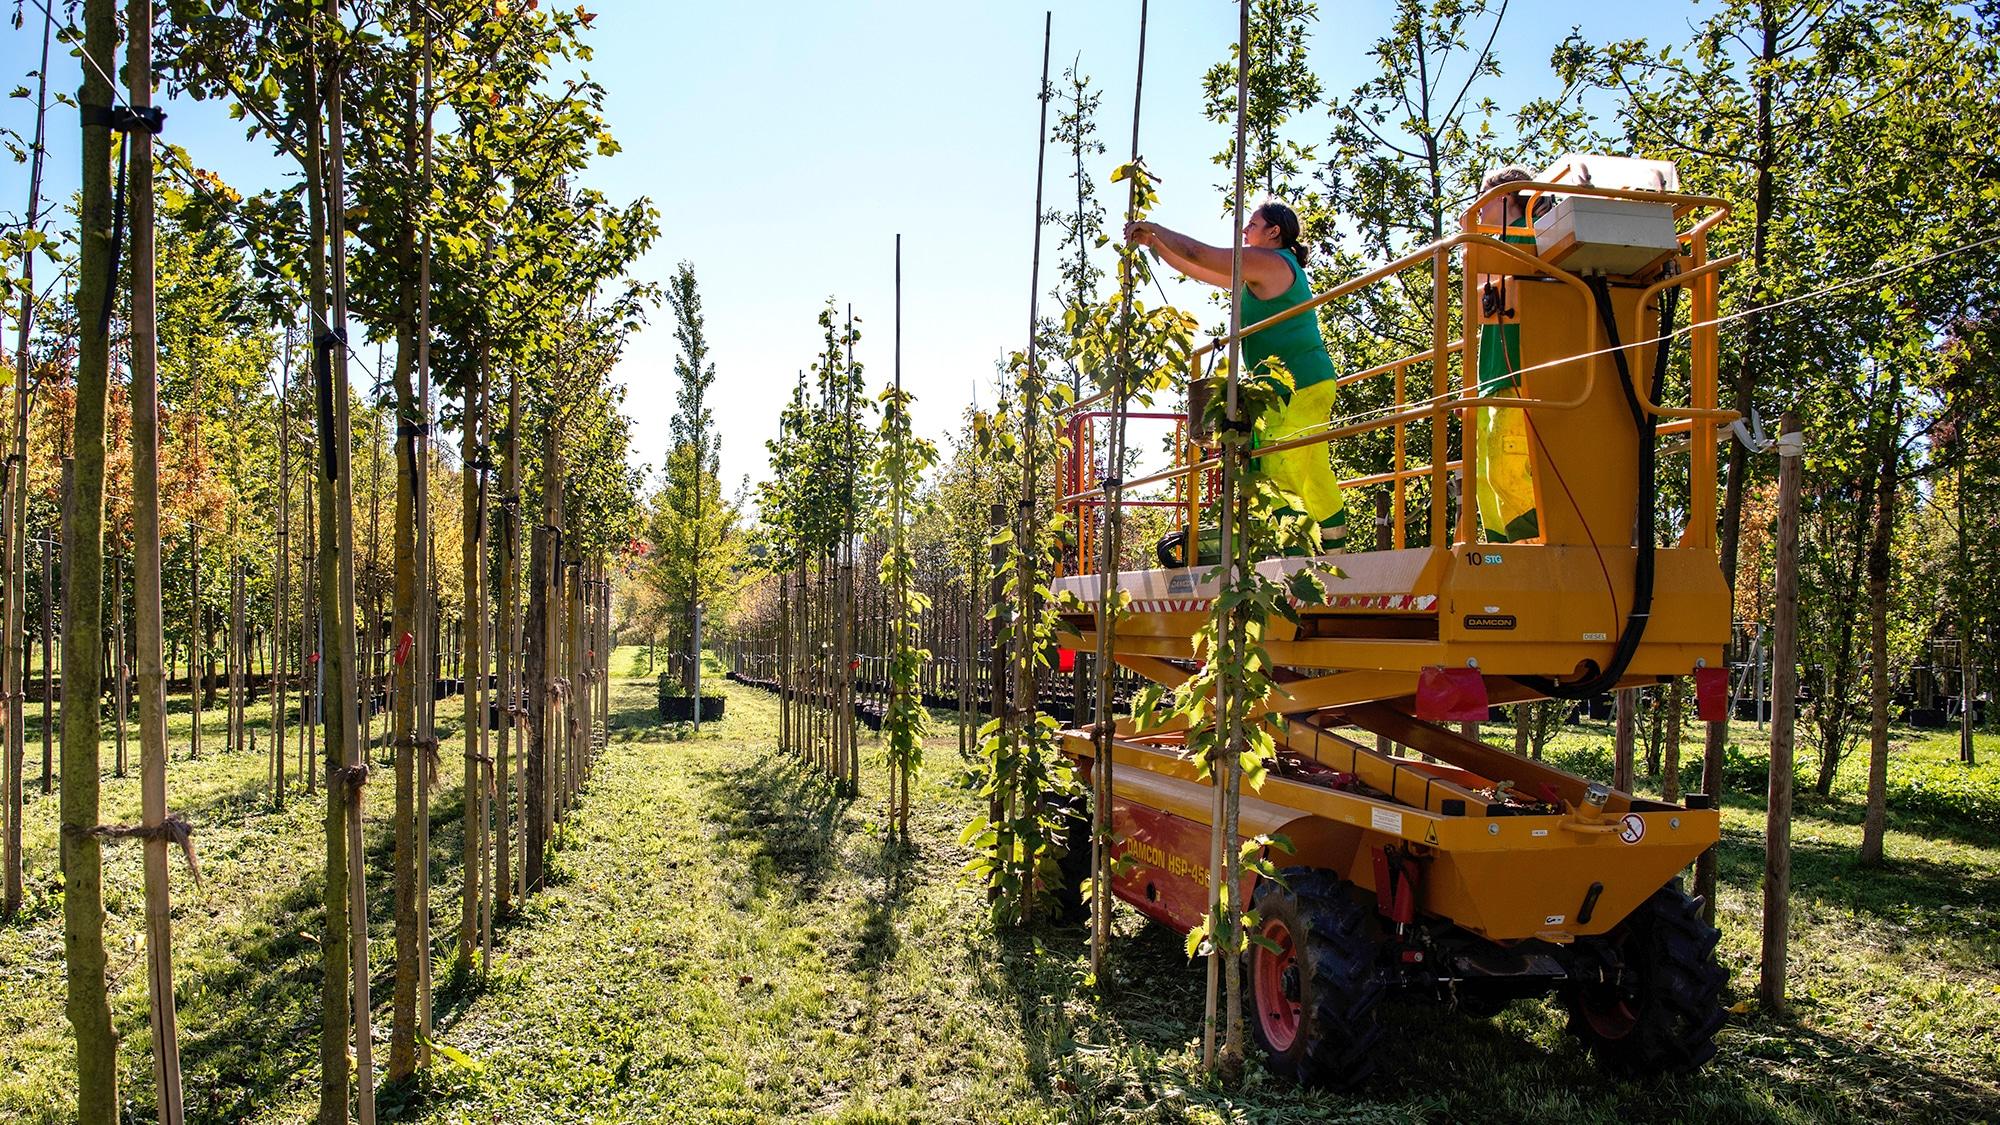 Die Stadtgärtnerei zieht die neuen Bäume in Arlesheim, bevor sie dann in der Stadt verpflanzt werden.